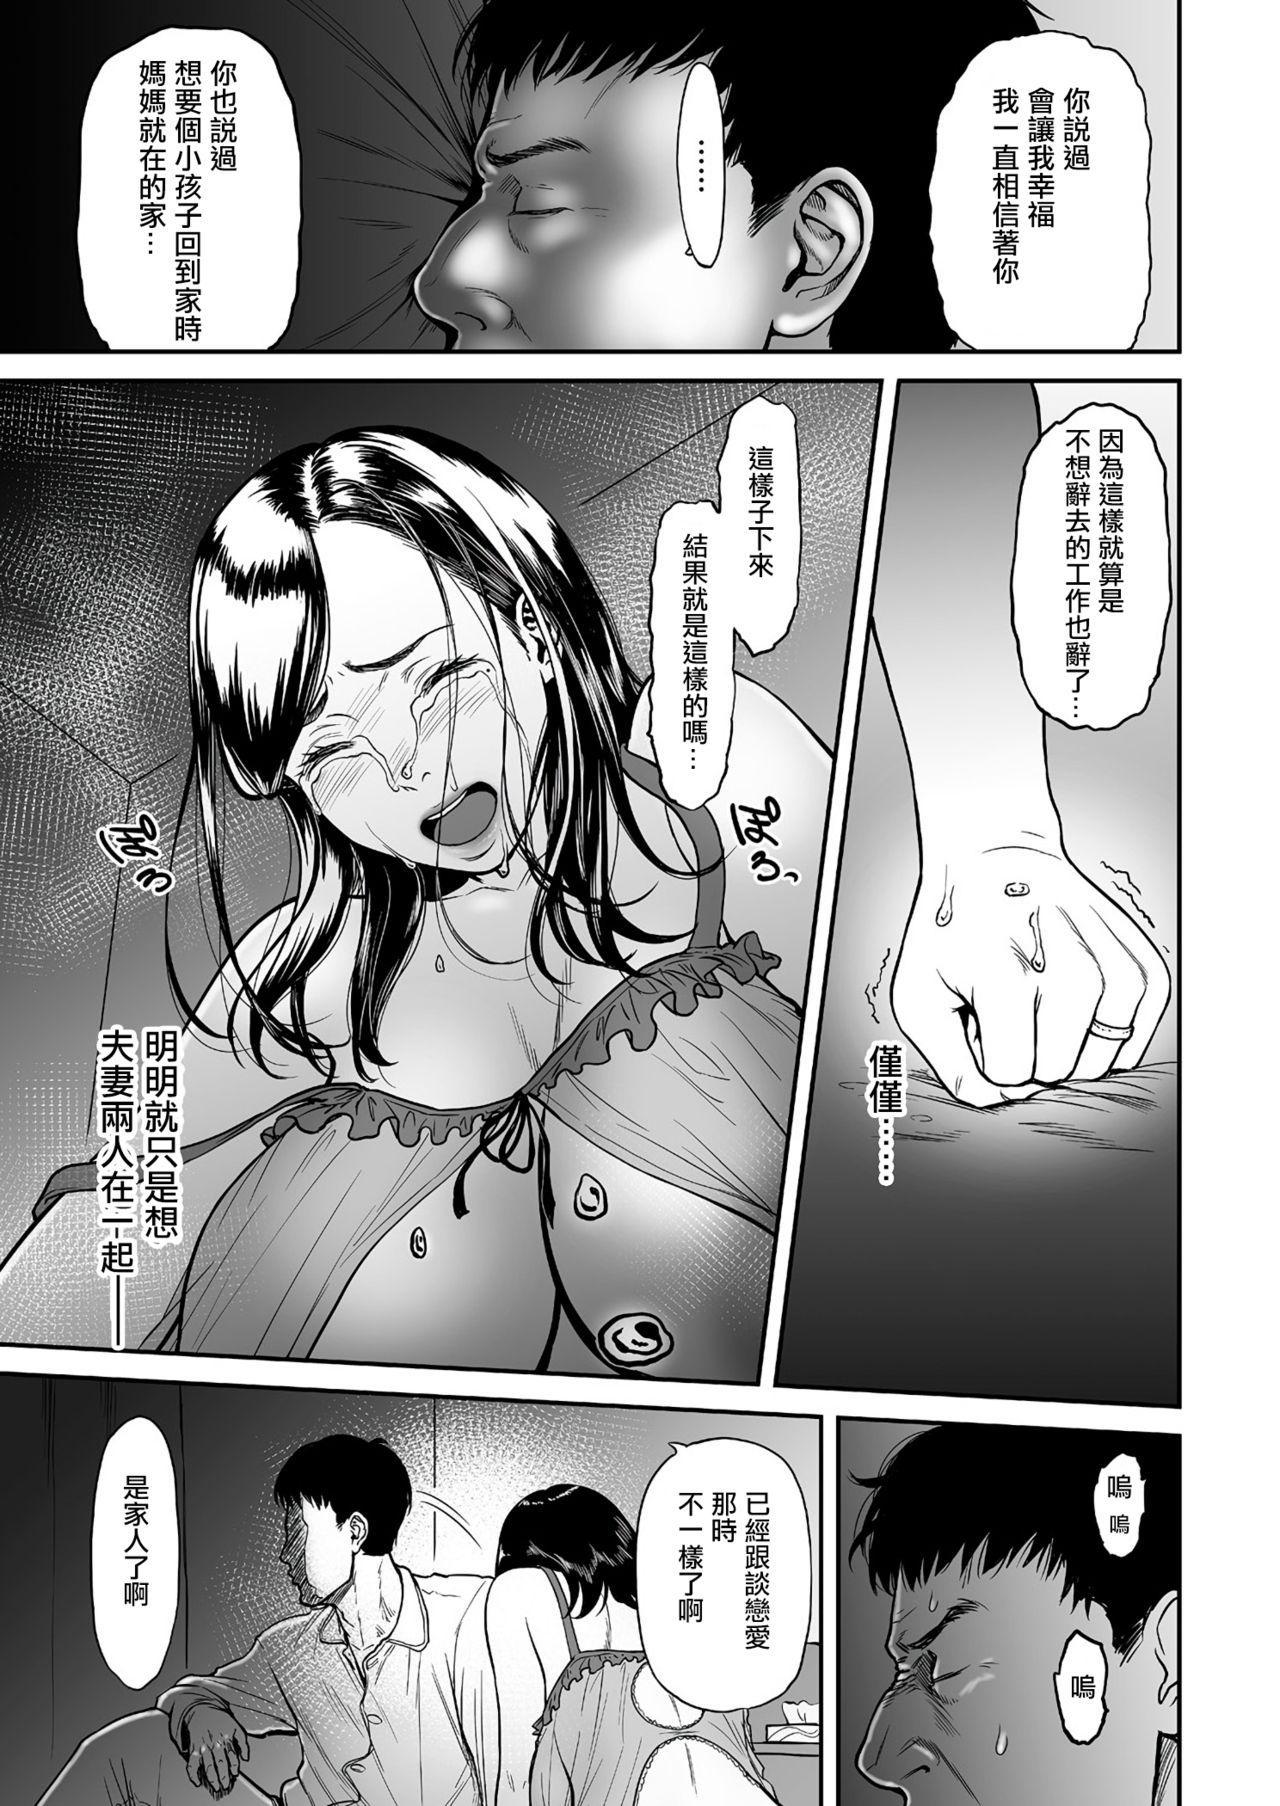 Uragiri no Ai wa Mitsu no Aji  Ch. 1 6